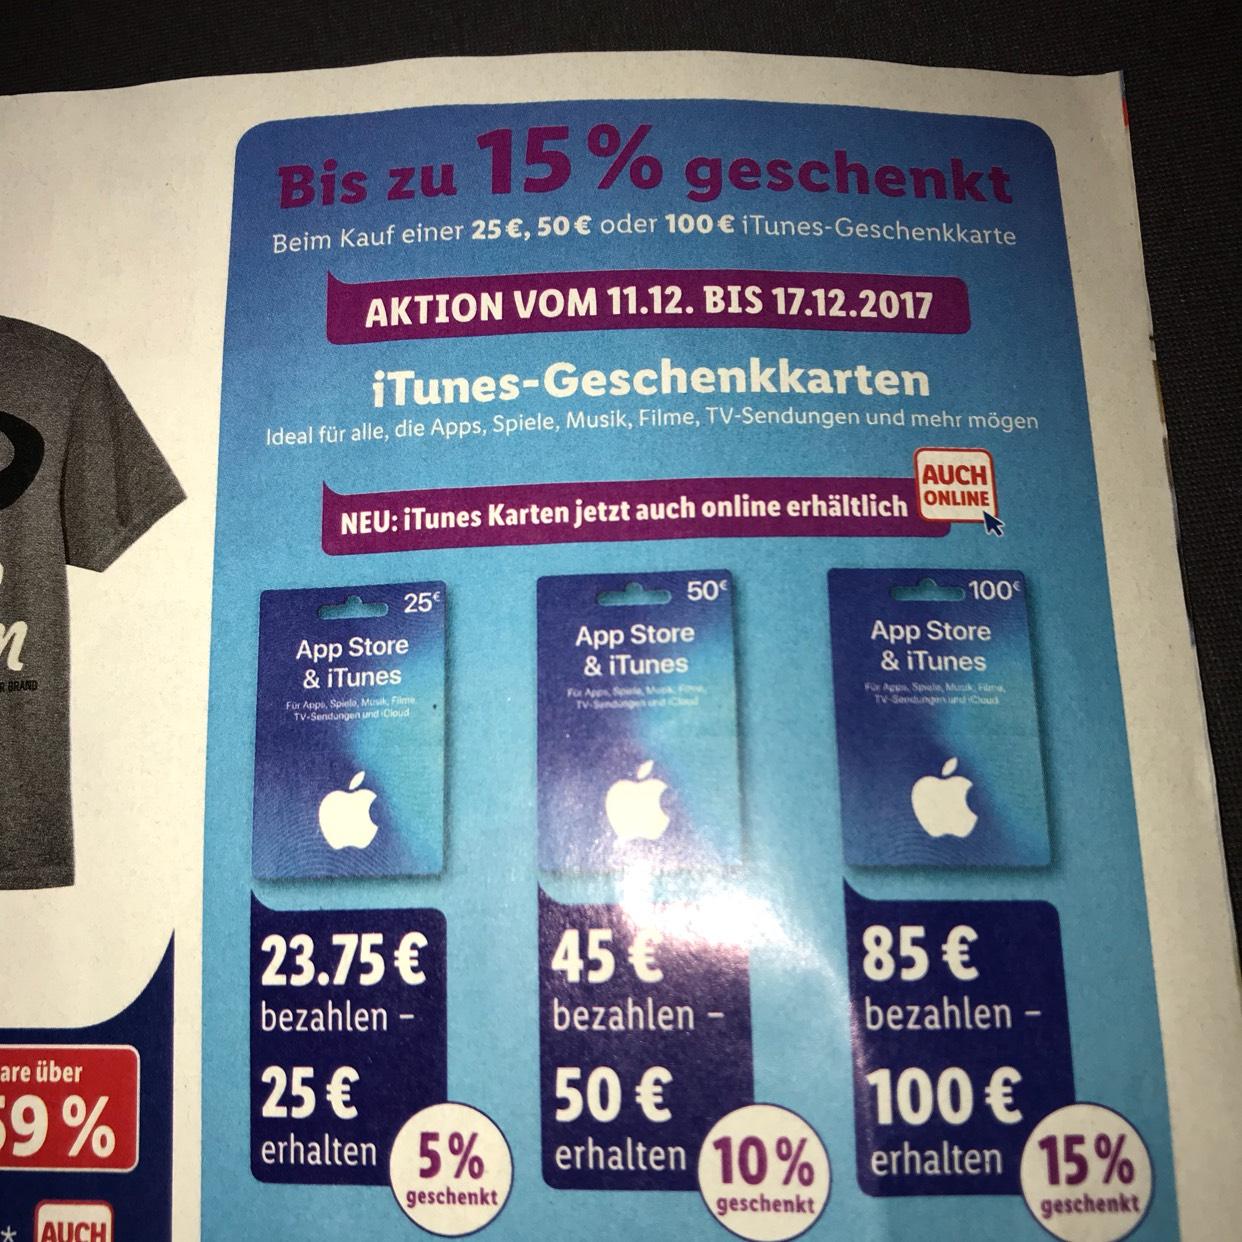 iTunes Guthaben bis zu 15% bei Lidl  (11.12.-17.12.) auch online